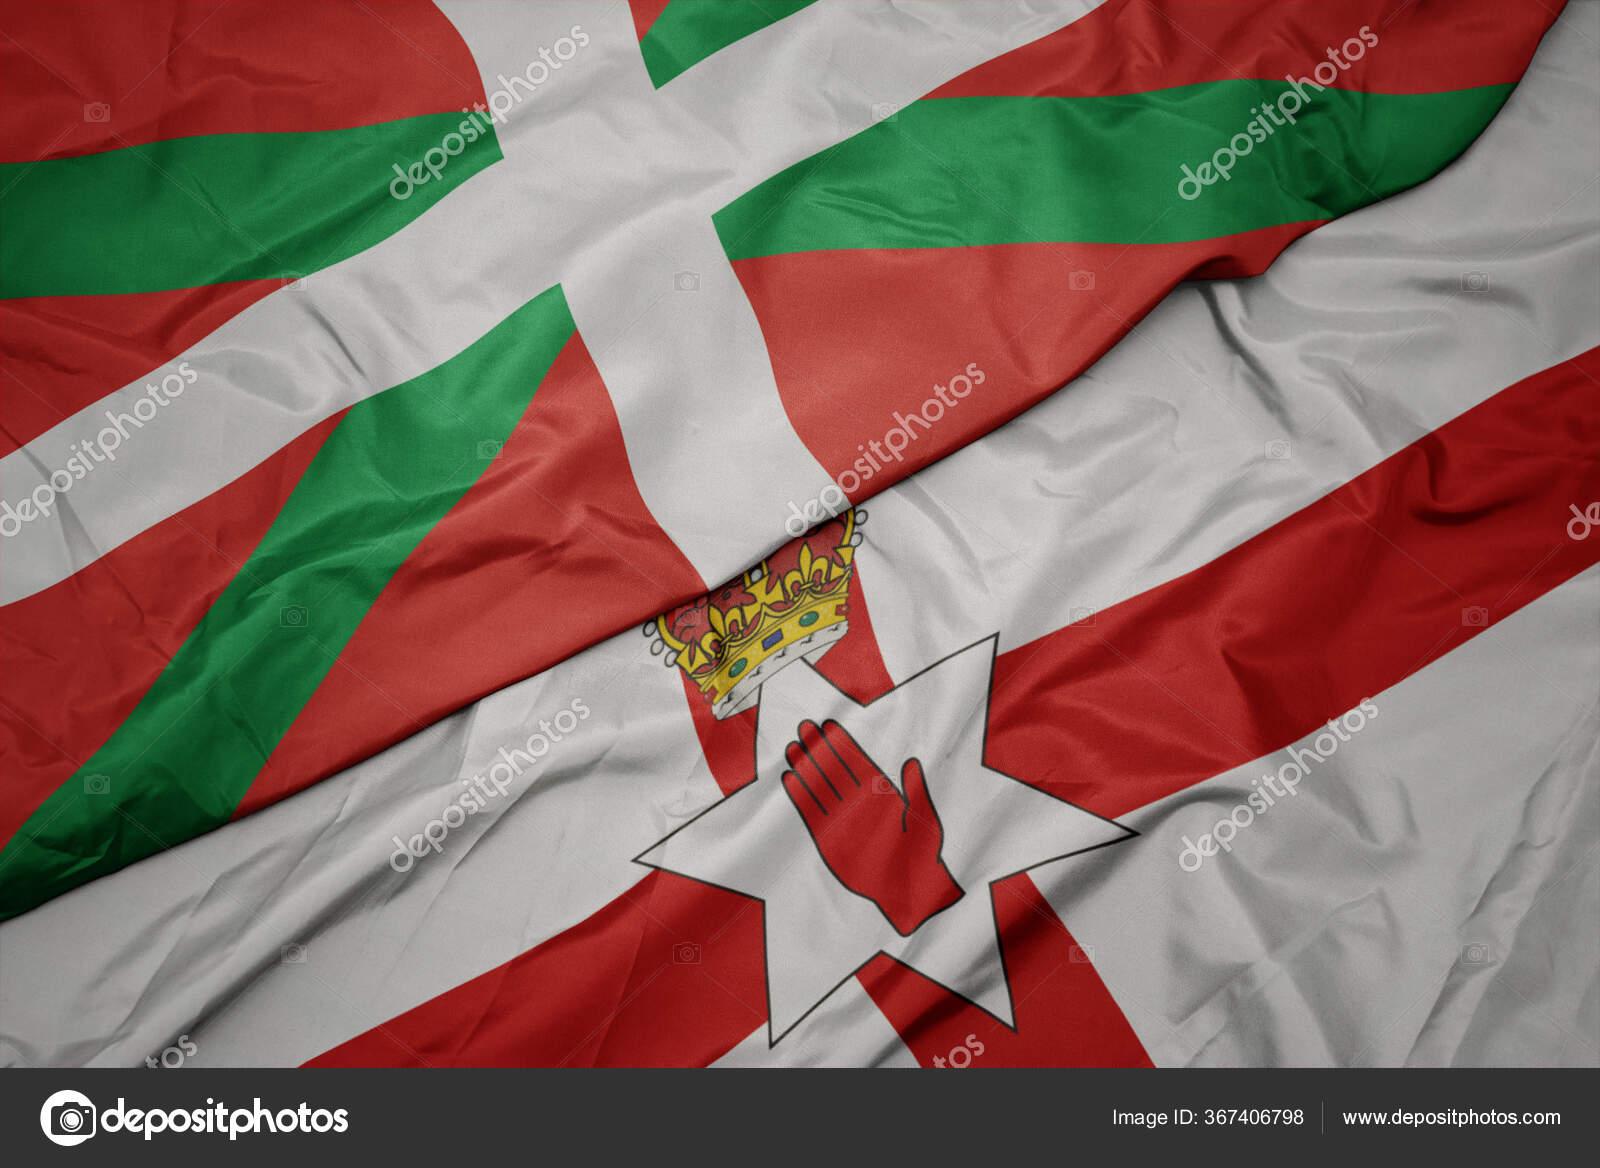 Картинки с названиями всех флагов страны